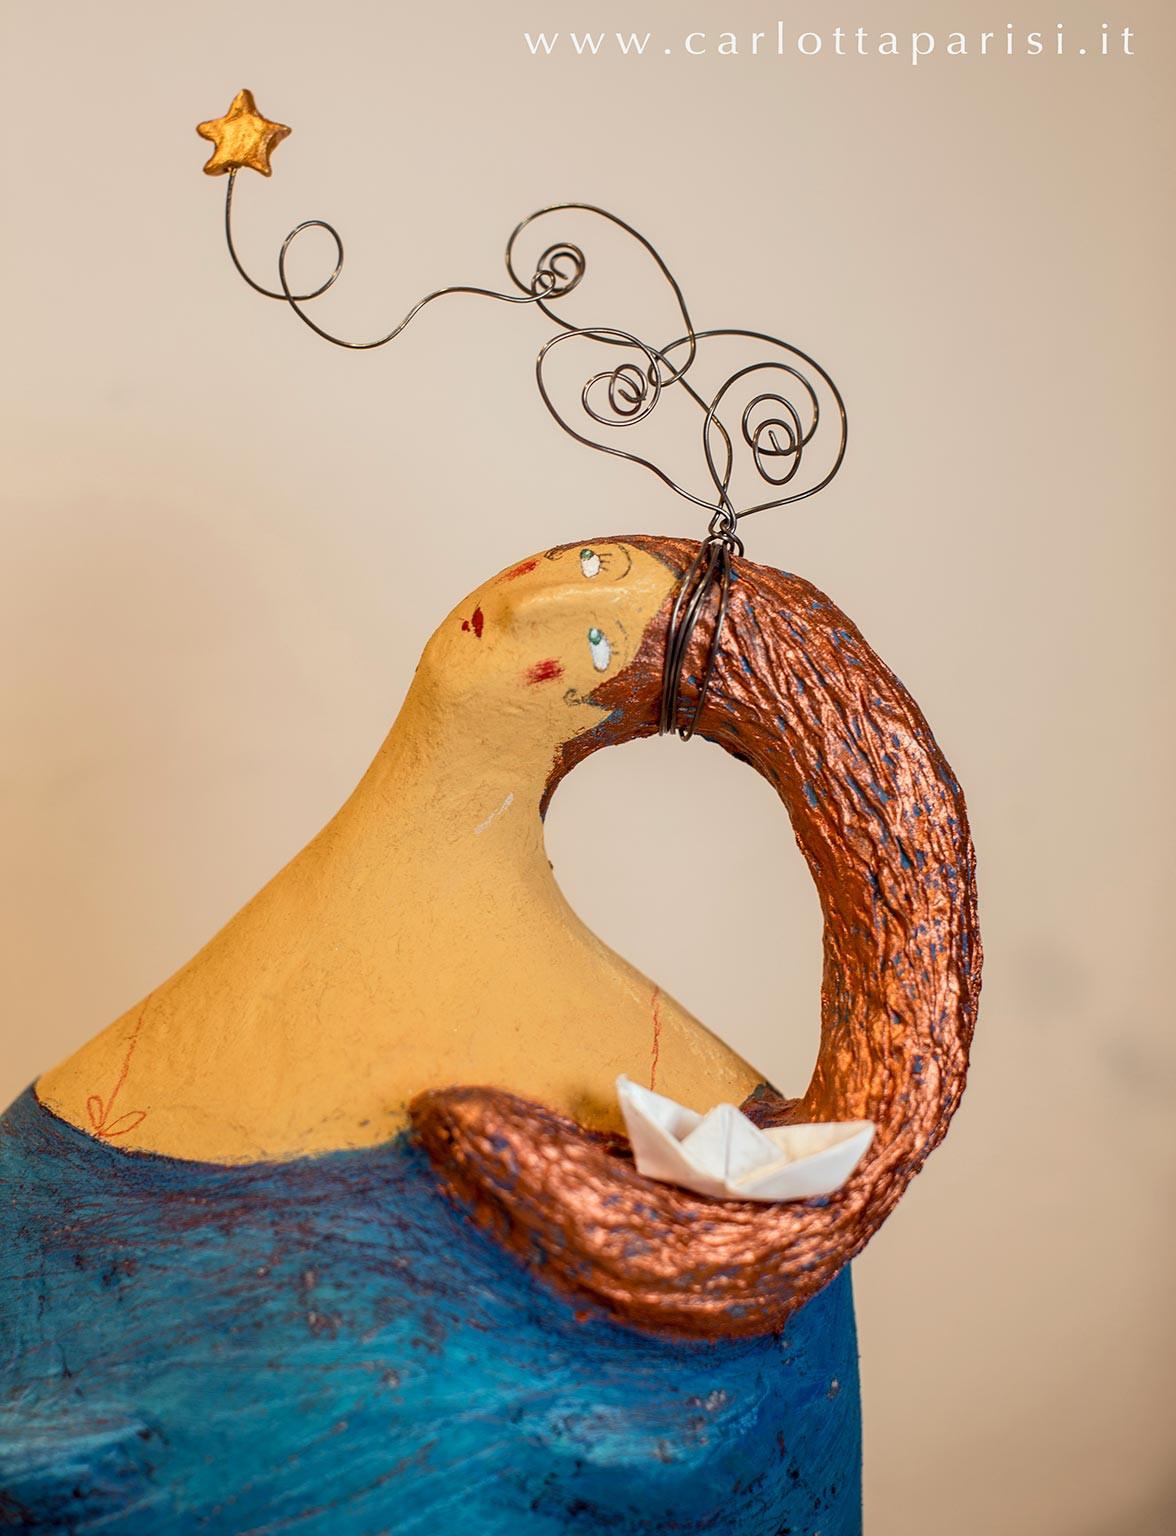 Marina - Ladies Paper Sculptures